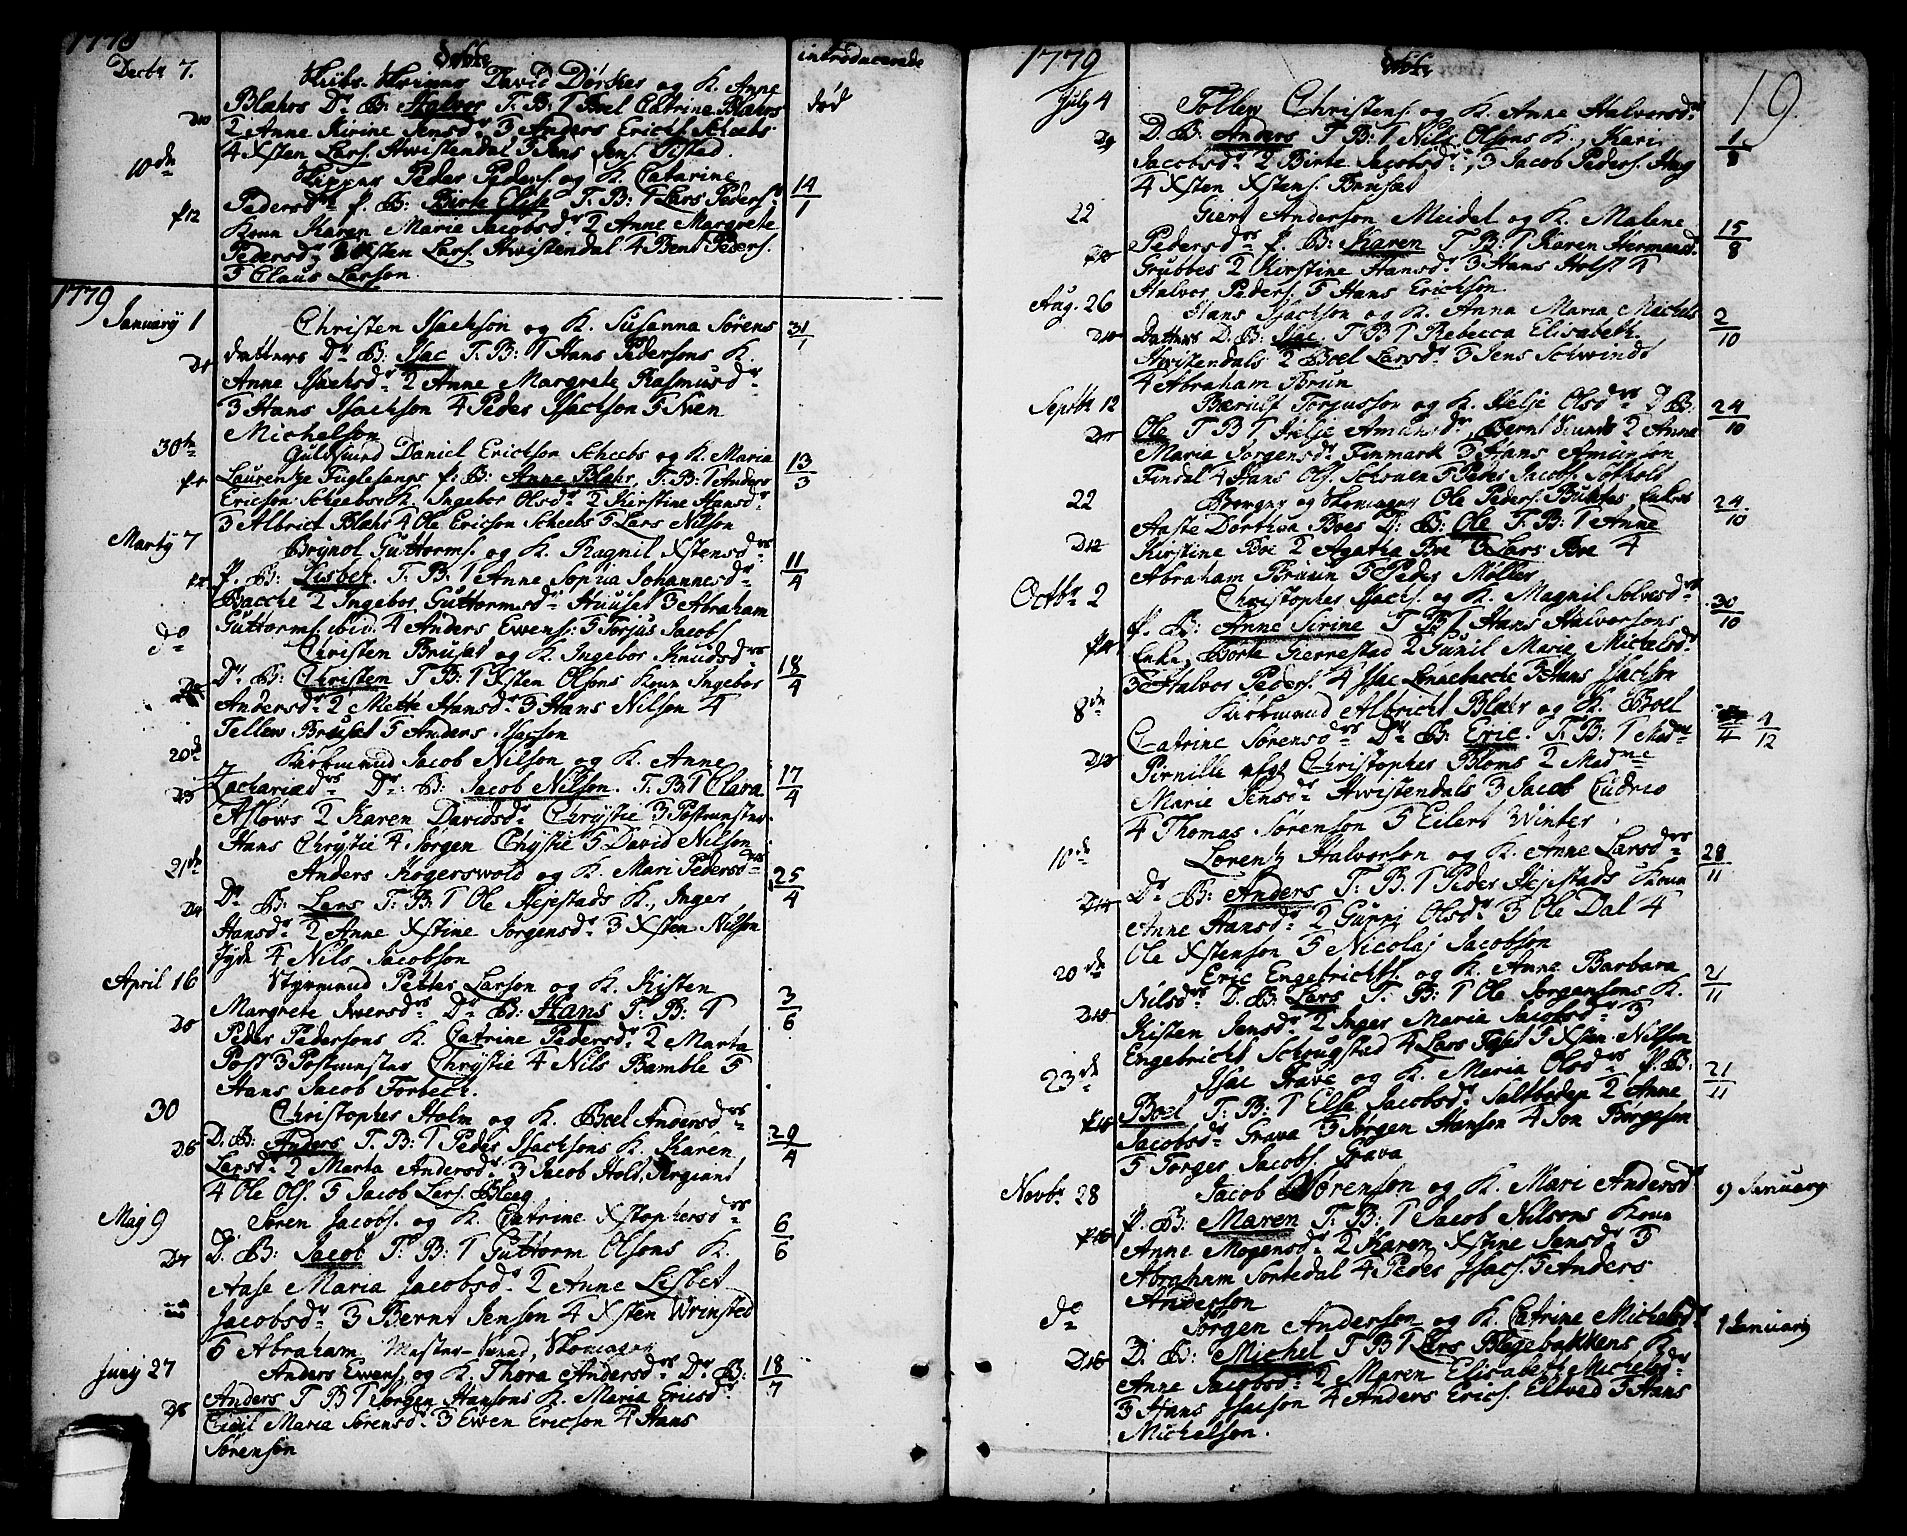 SAKO, Brevik kirkebøker, F/Fa/L0003: Ministerialbok nr. 3, 1764-1814, s. 19